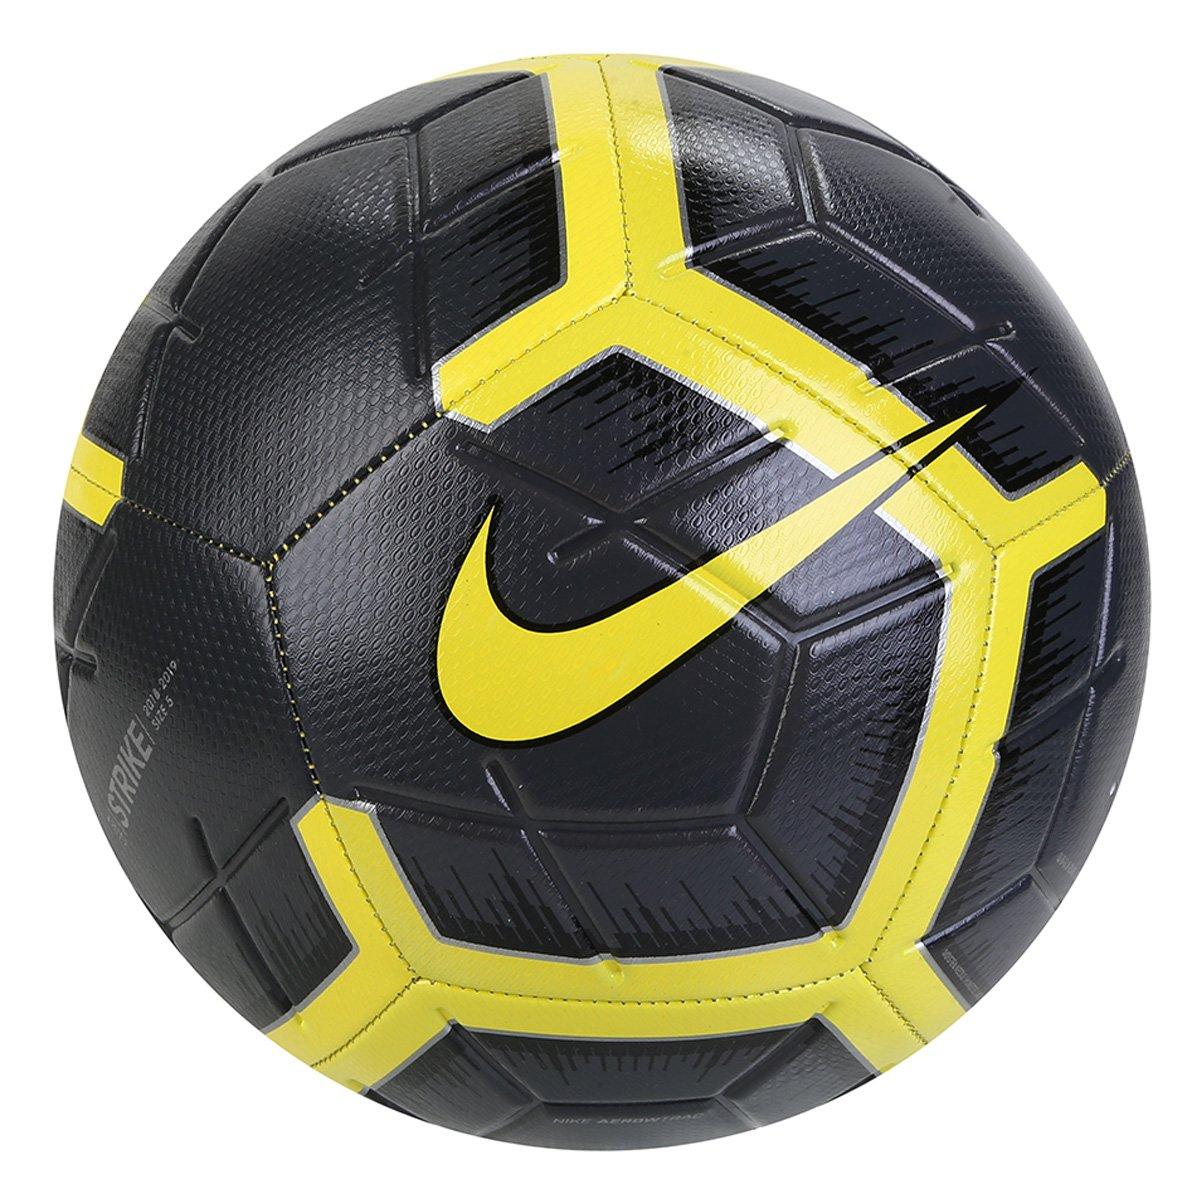 64709bbdbf5de Bola de Futebol Campo Nike Strike - Amarelo e Preto - Compre Agora ...